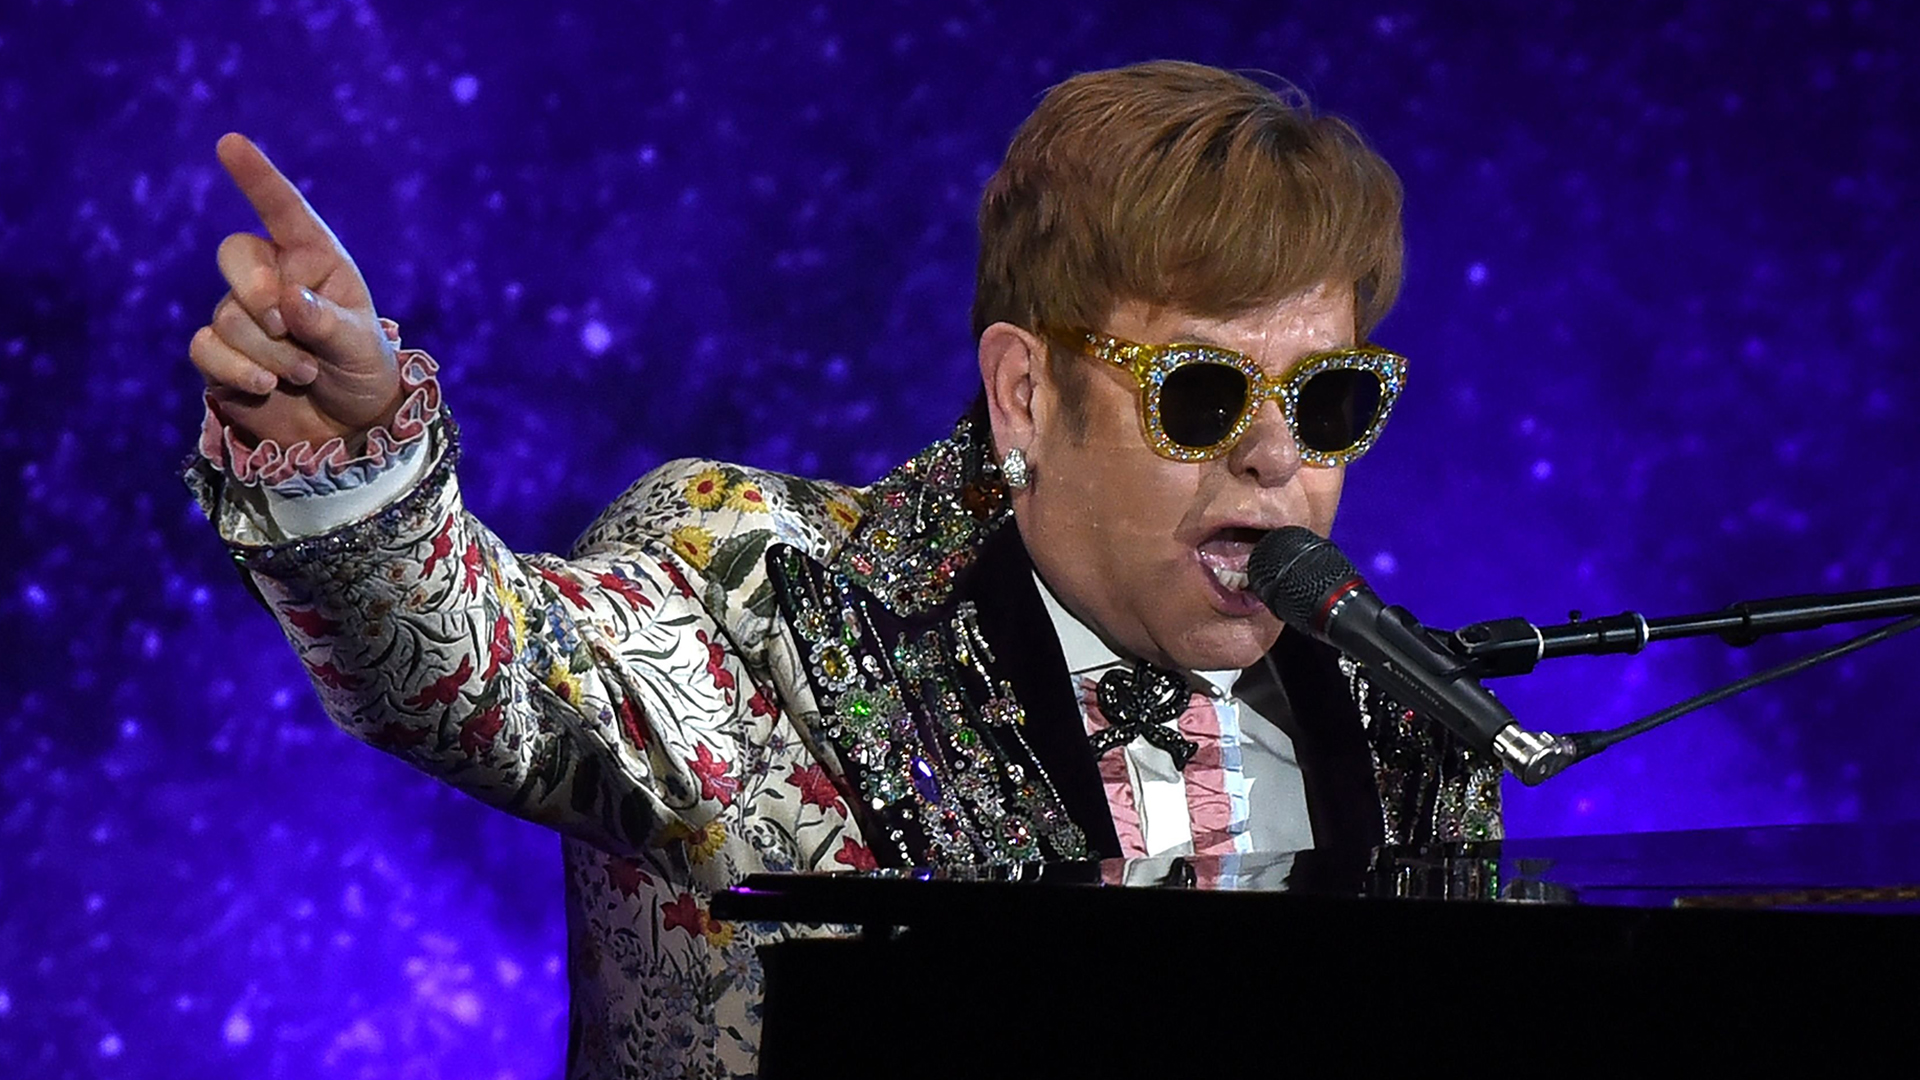 Elton John speaks out after walking off stage mid-concert